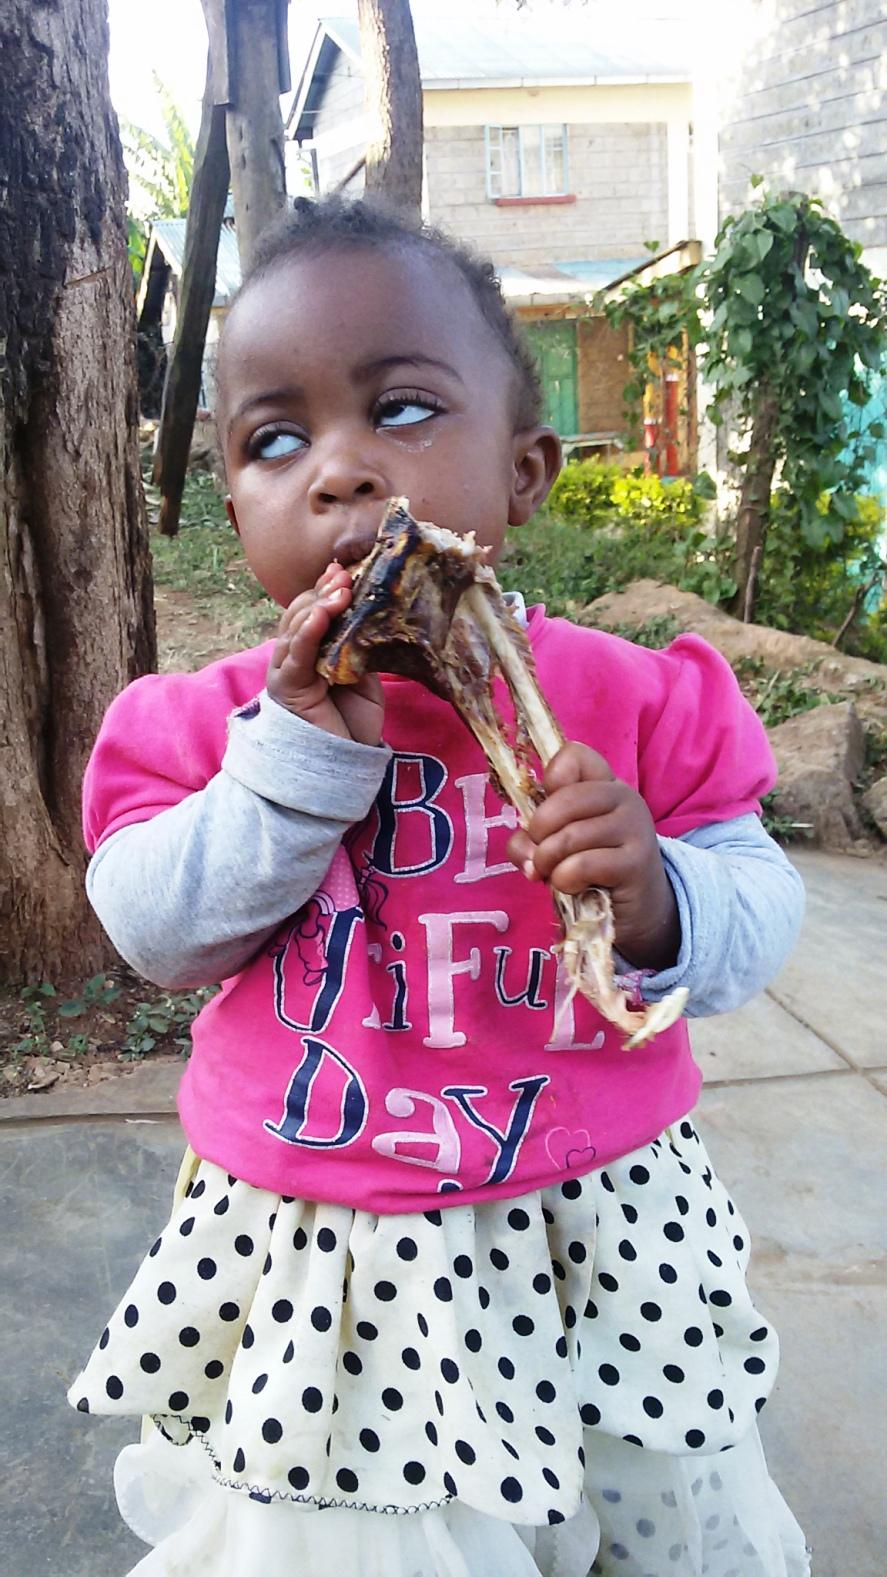 bambina di soweto mentre si gusta la capra